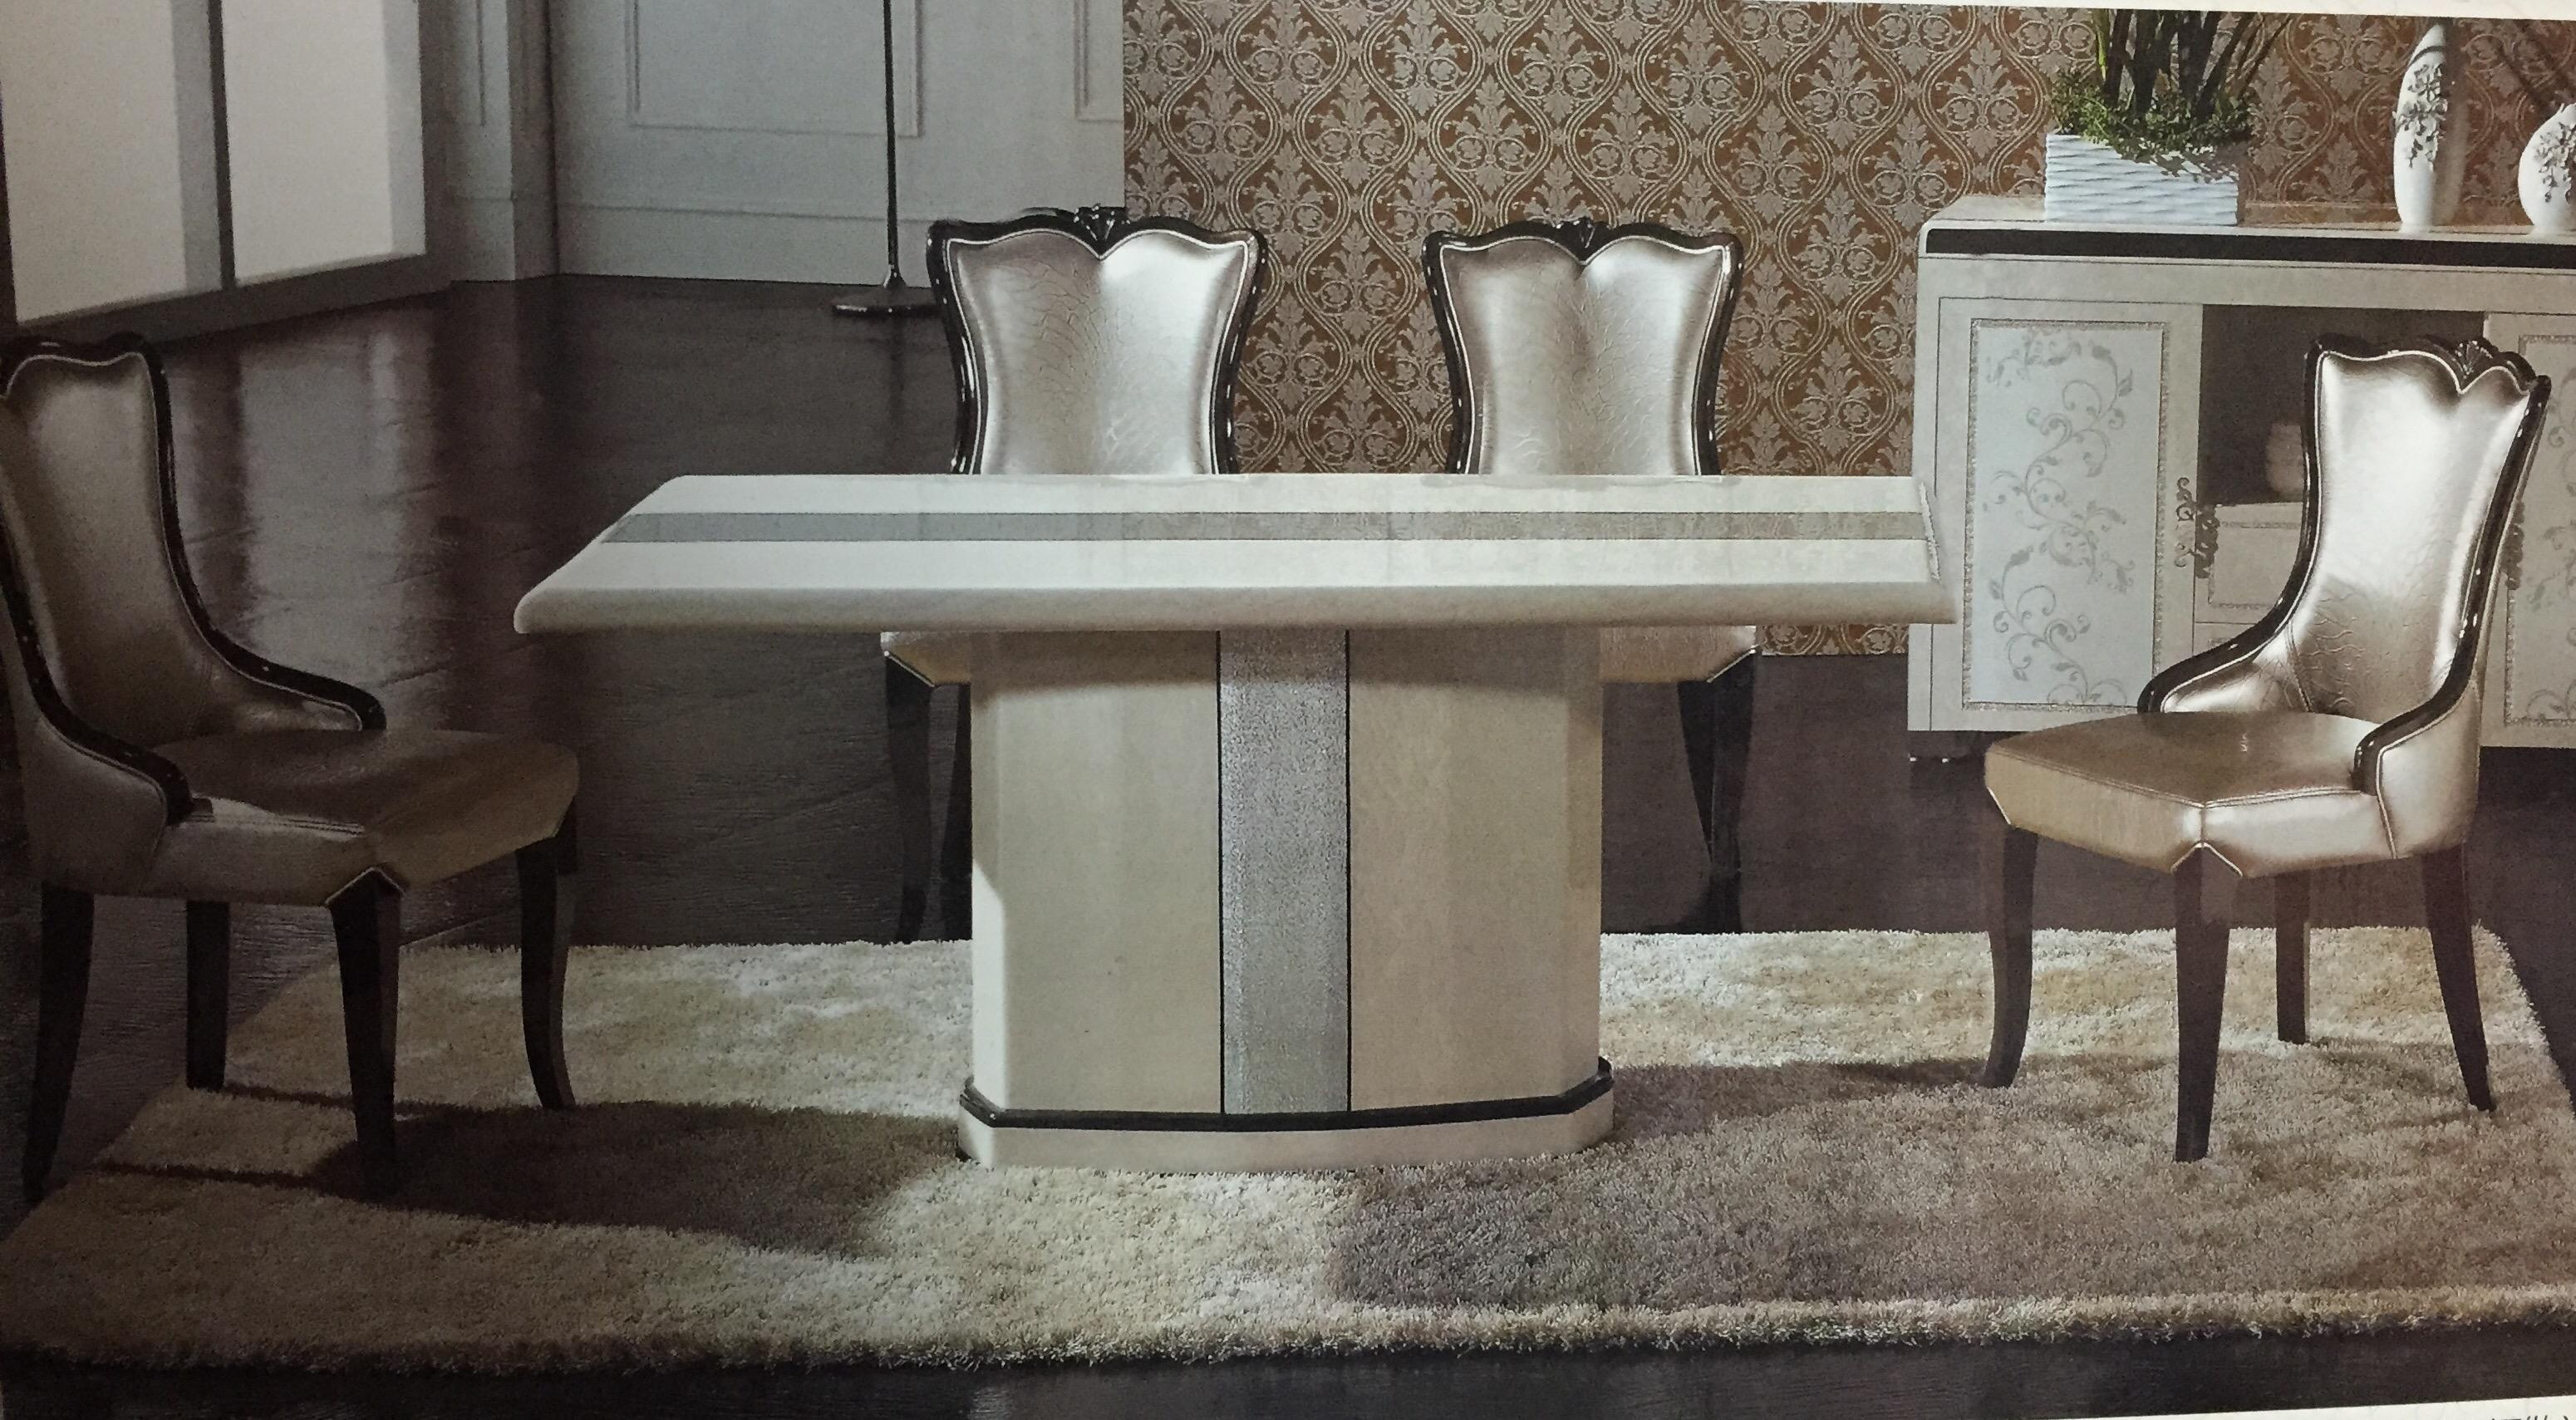 โต๊ะอาหารหินอ่อน 1.60 เมตร พร้อมเก้าอี้ 6 ตัว